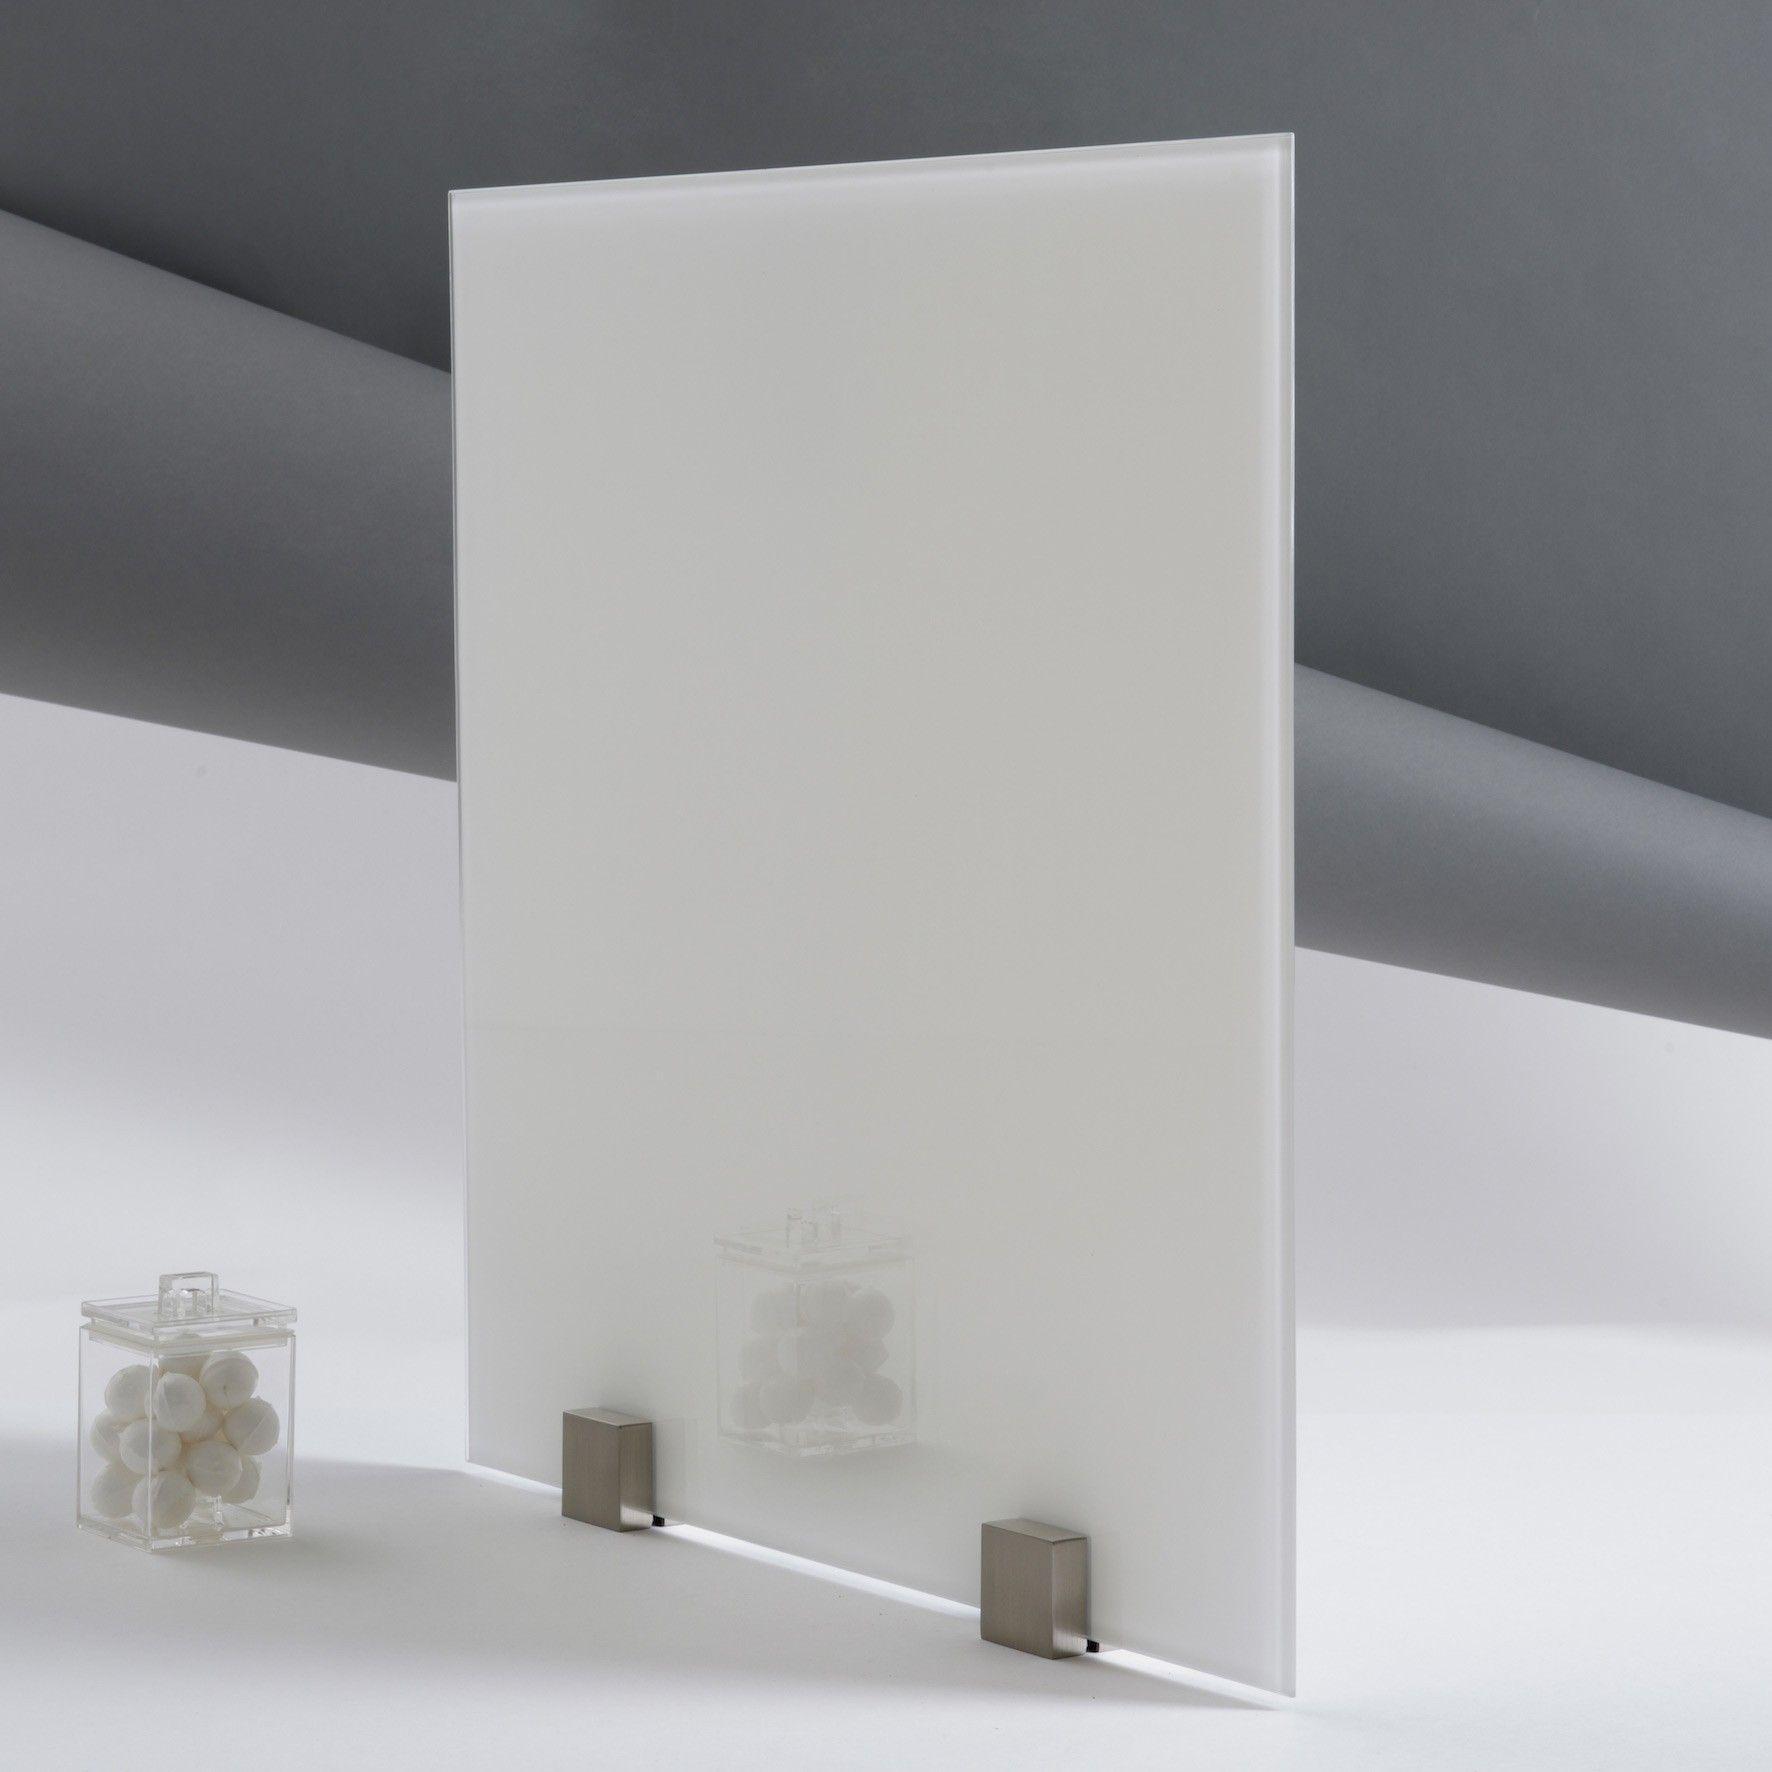 verre vitroc ramique pour insert de chemin e paisseur 4 mm. Black Bedroom Furniture Sets. Home Design Ideas